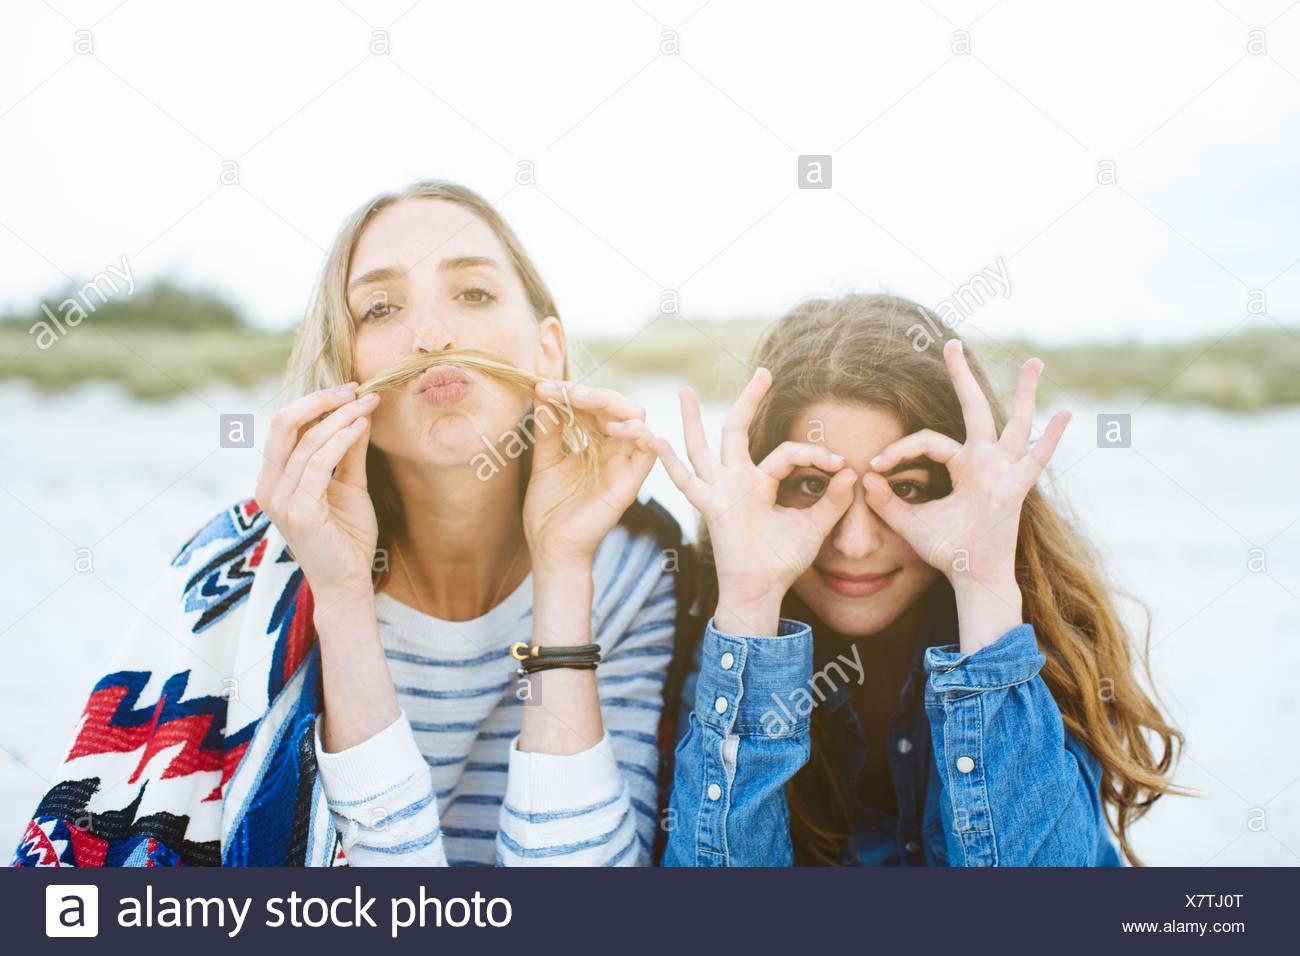 Ritratto di due giovani amici di sesso femminile rendendo i baffi e spectacled si affaccia sulla spiaggia Immagini Stock